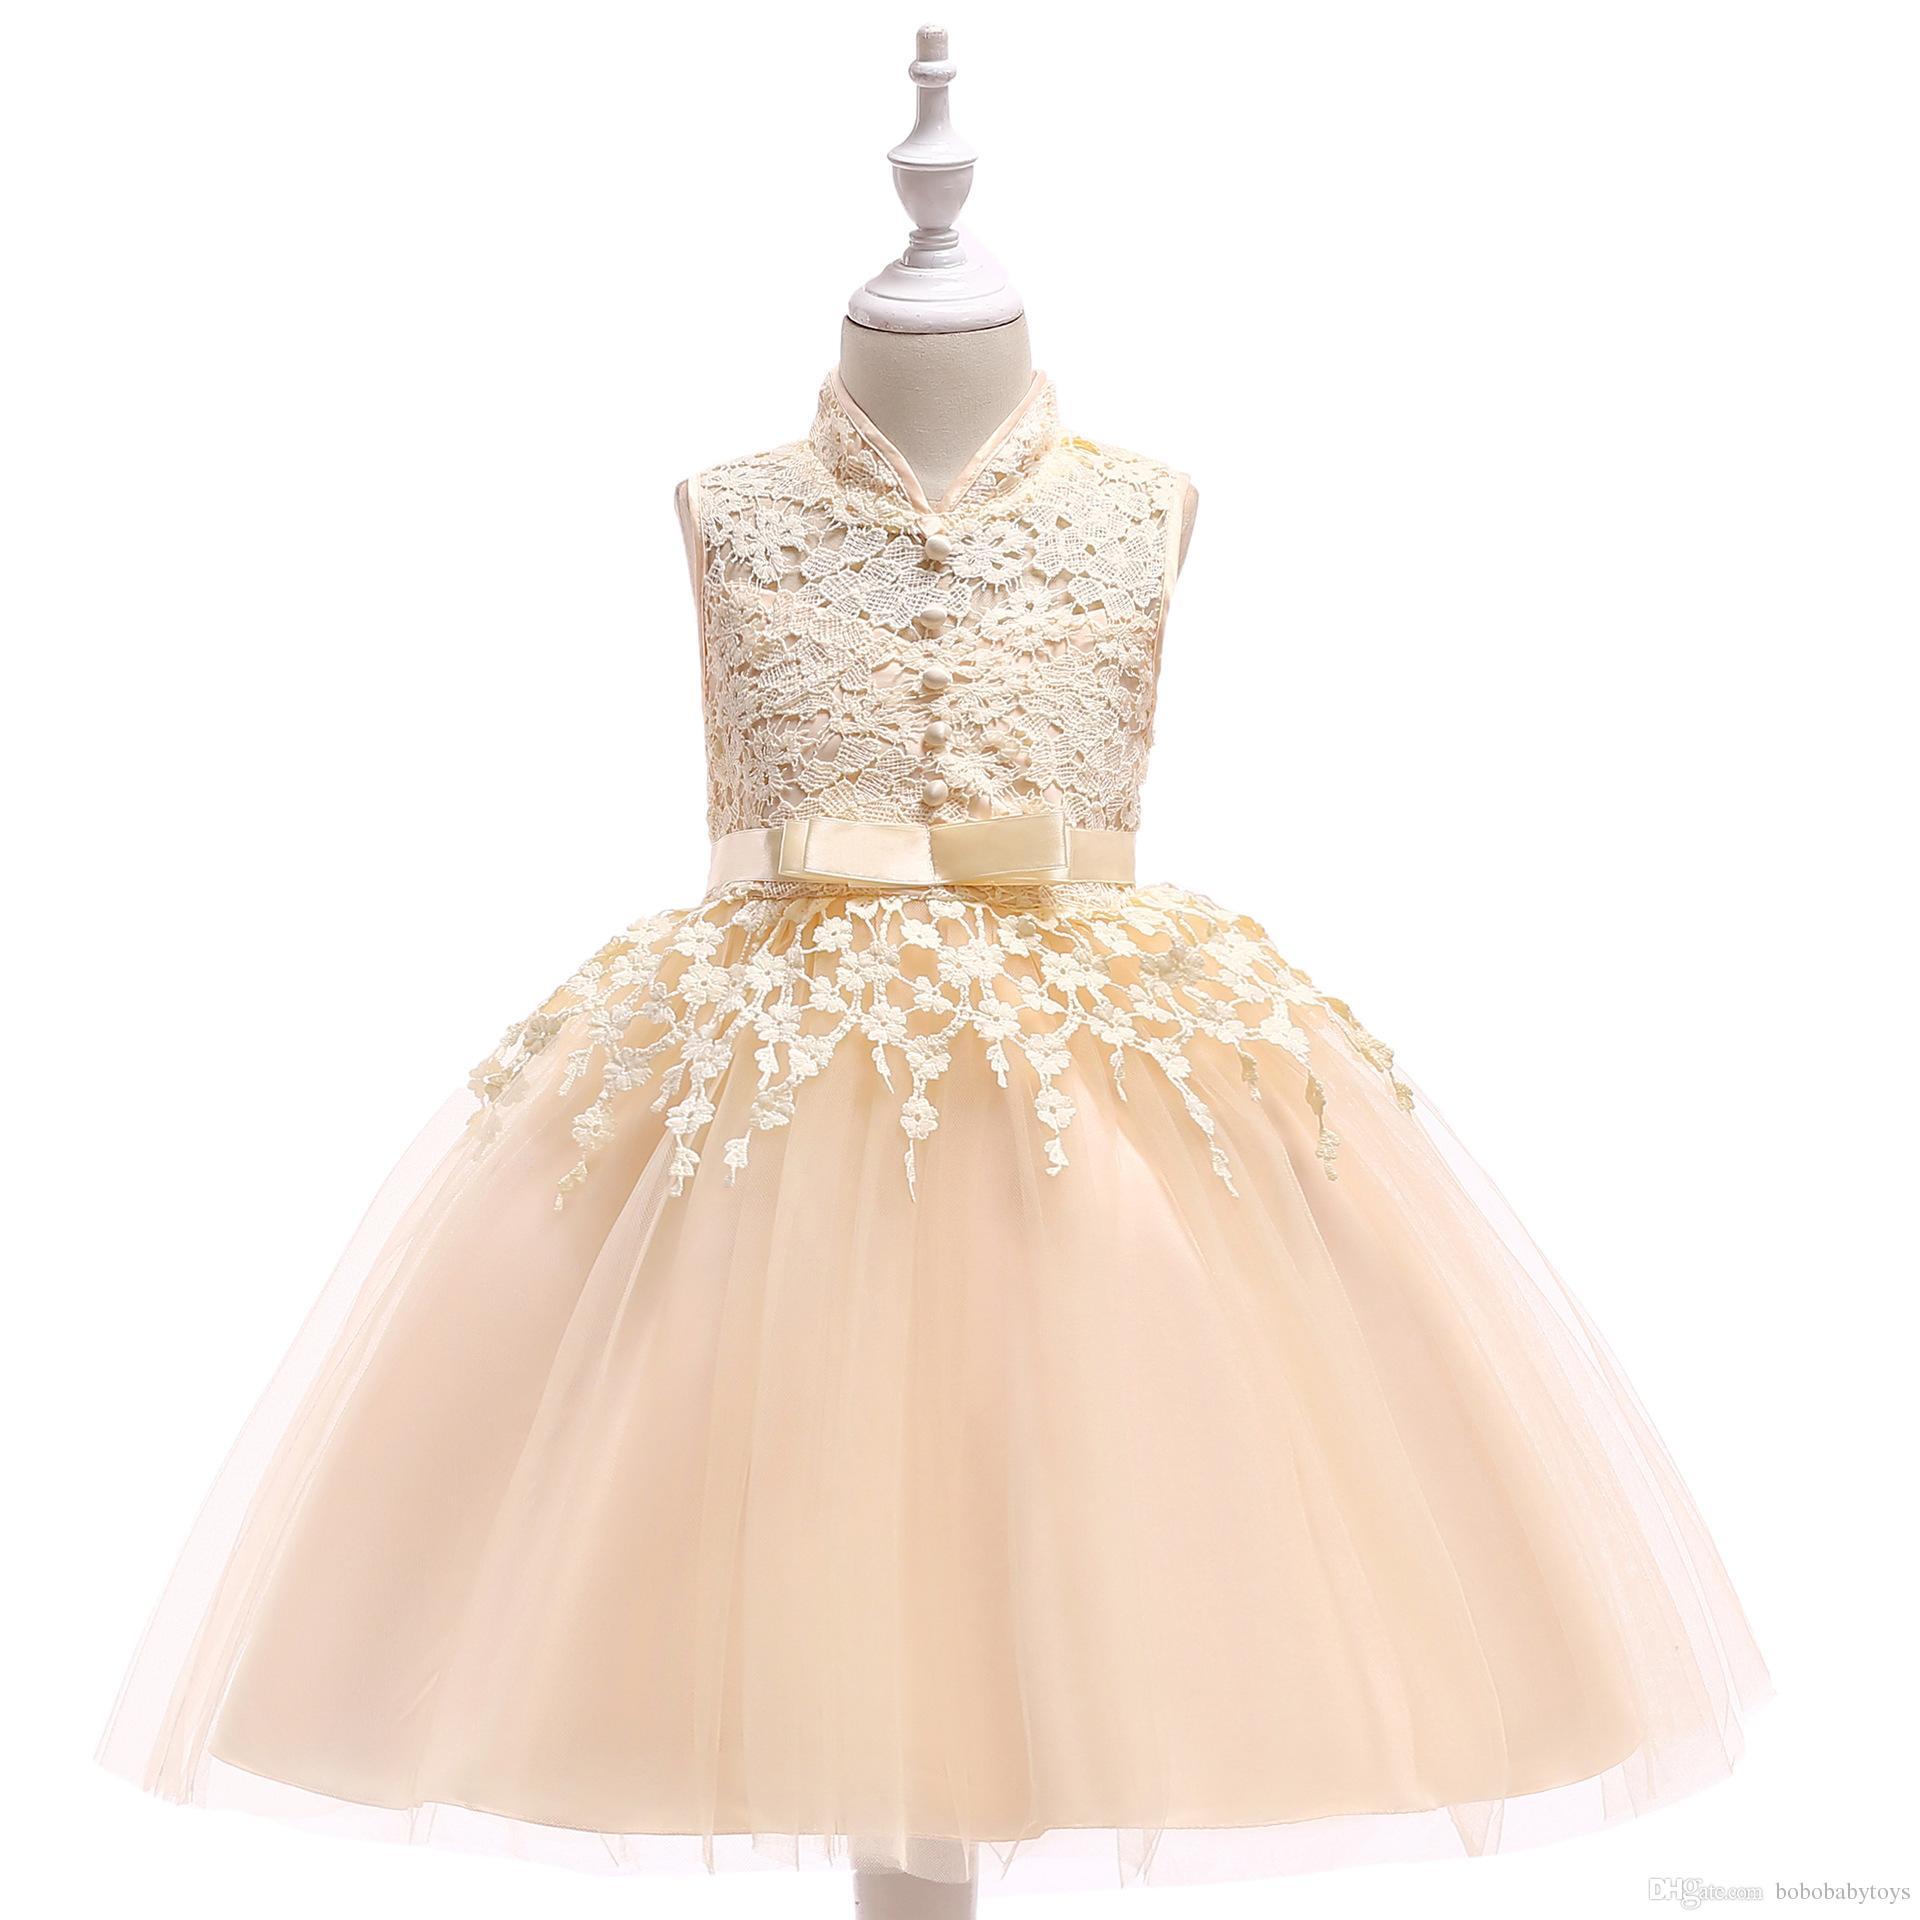 Großhandel Hochwertige Kinder Abendkleider Mädchen Puff Prinzessin Rock  Kleid Spitze Seide Gaze Blumenmädchen Formale Prom Party Kleider Besonderen